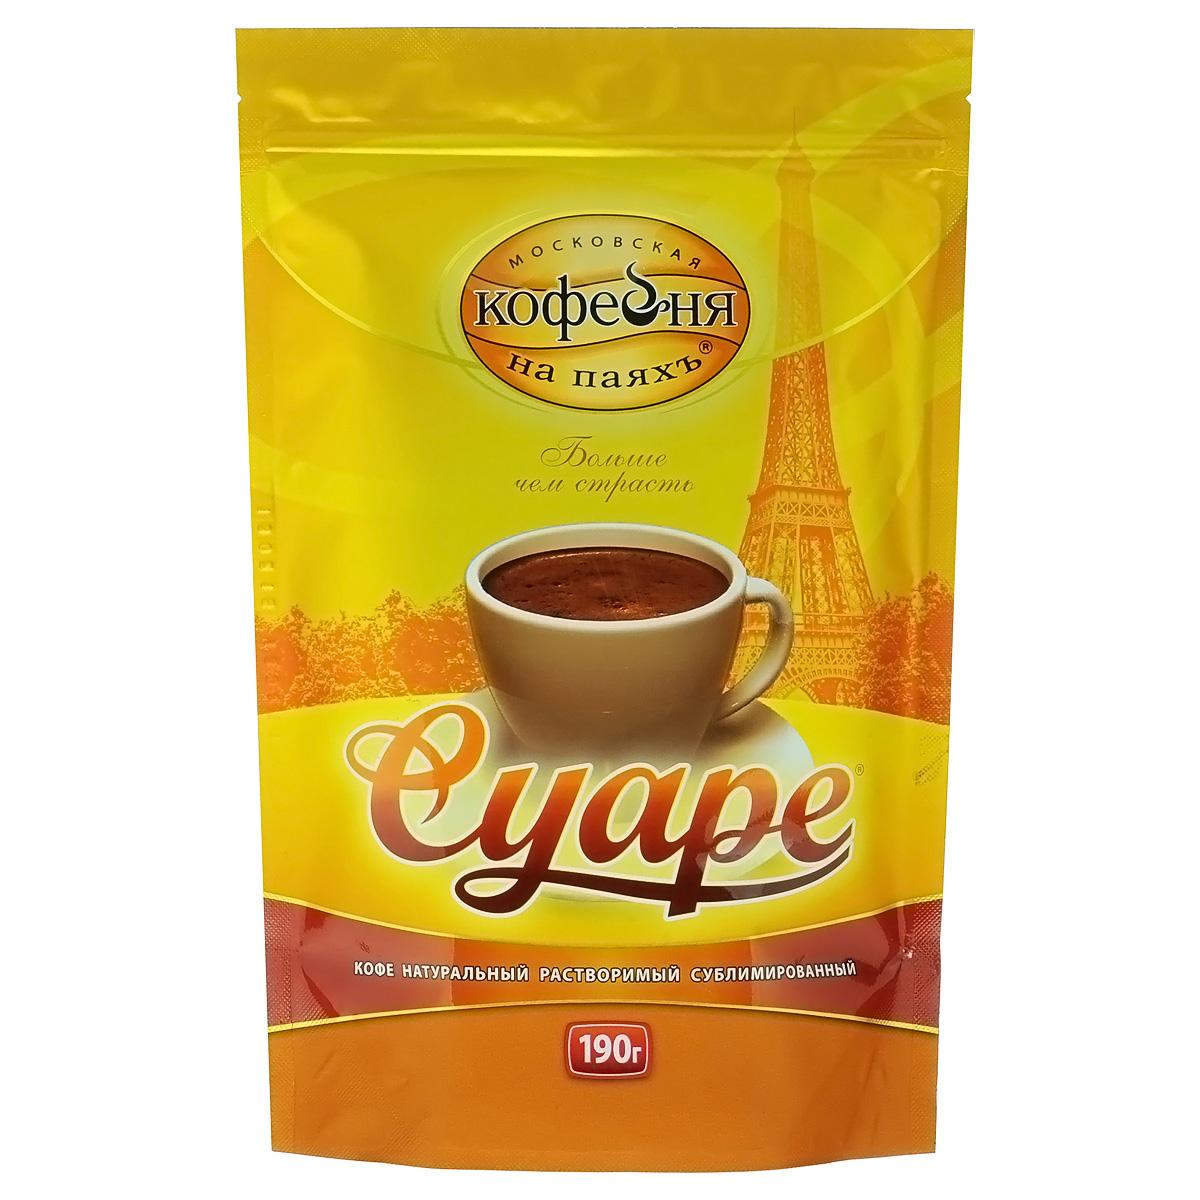 купить Московская кофейня на паяхъ Суаре кофе растворимый, пакет 190 г недорого